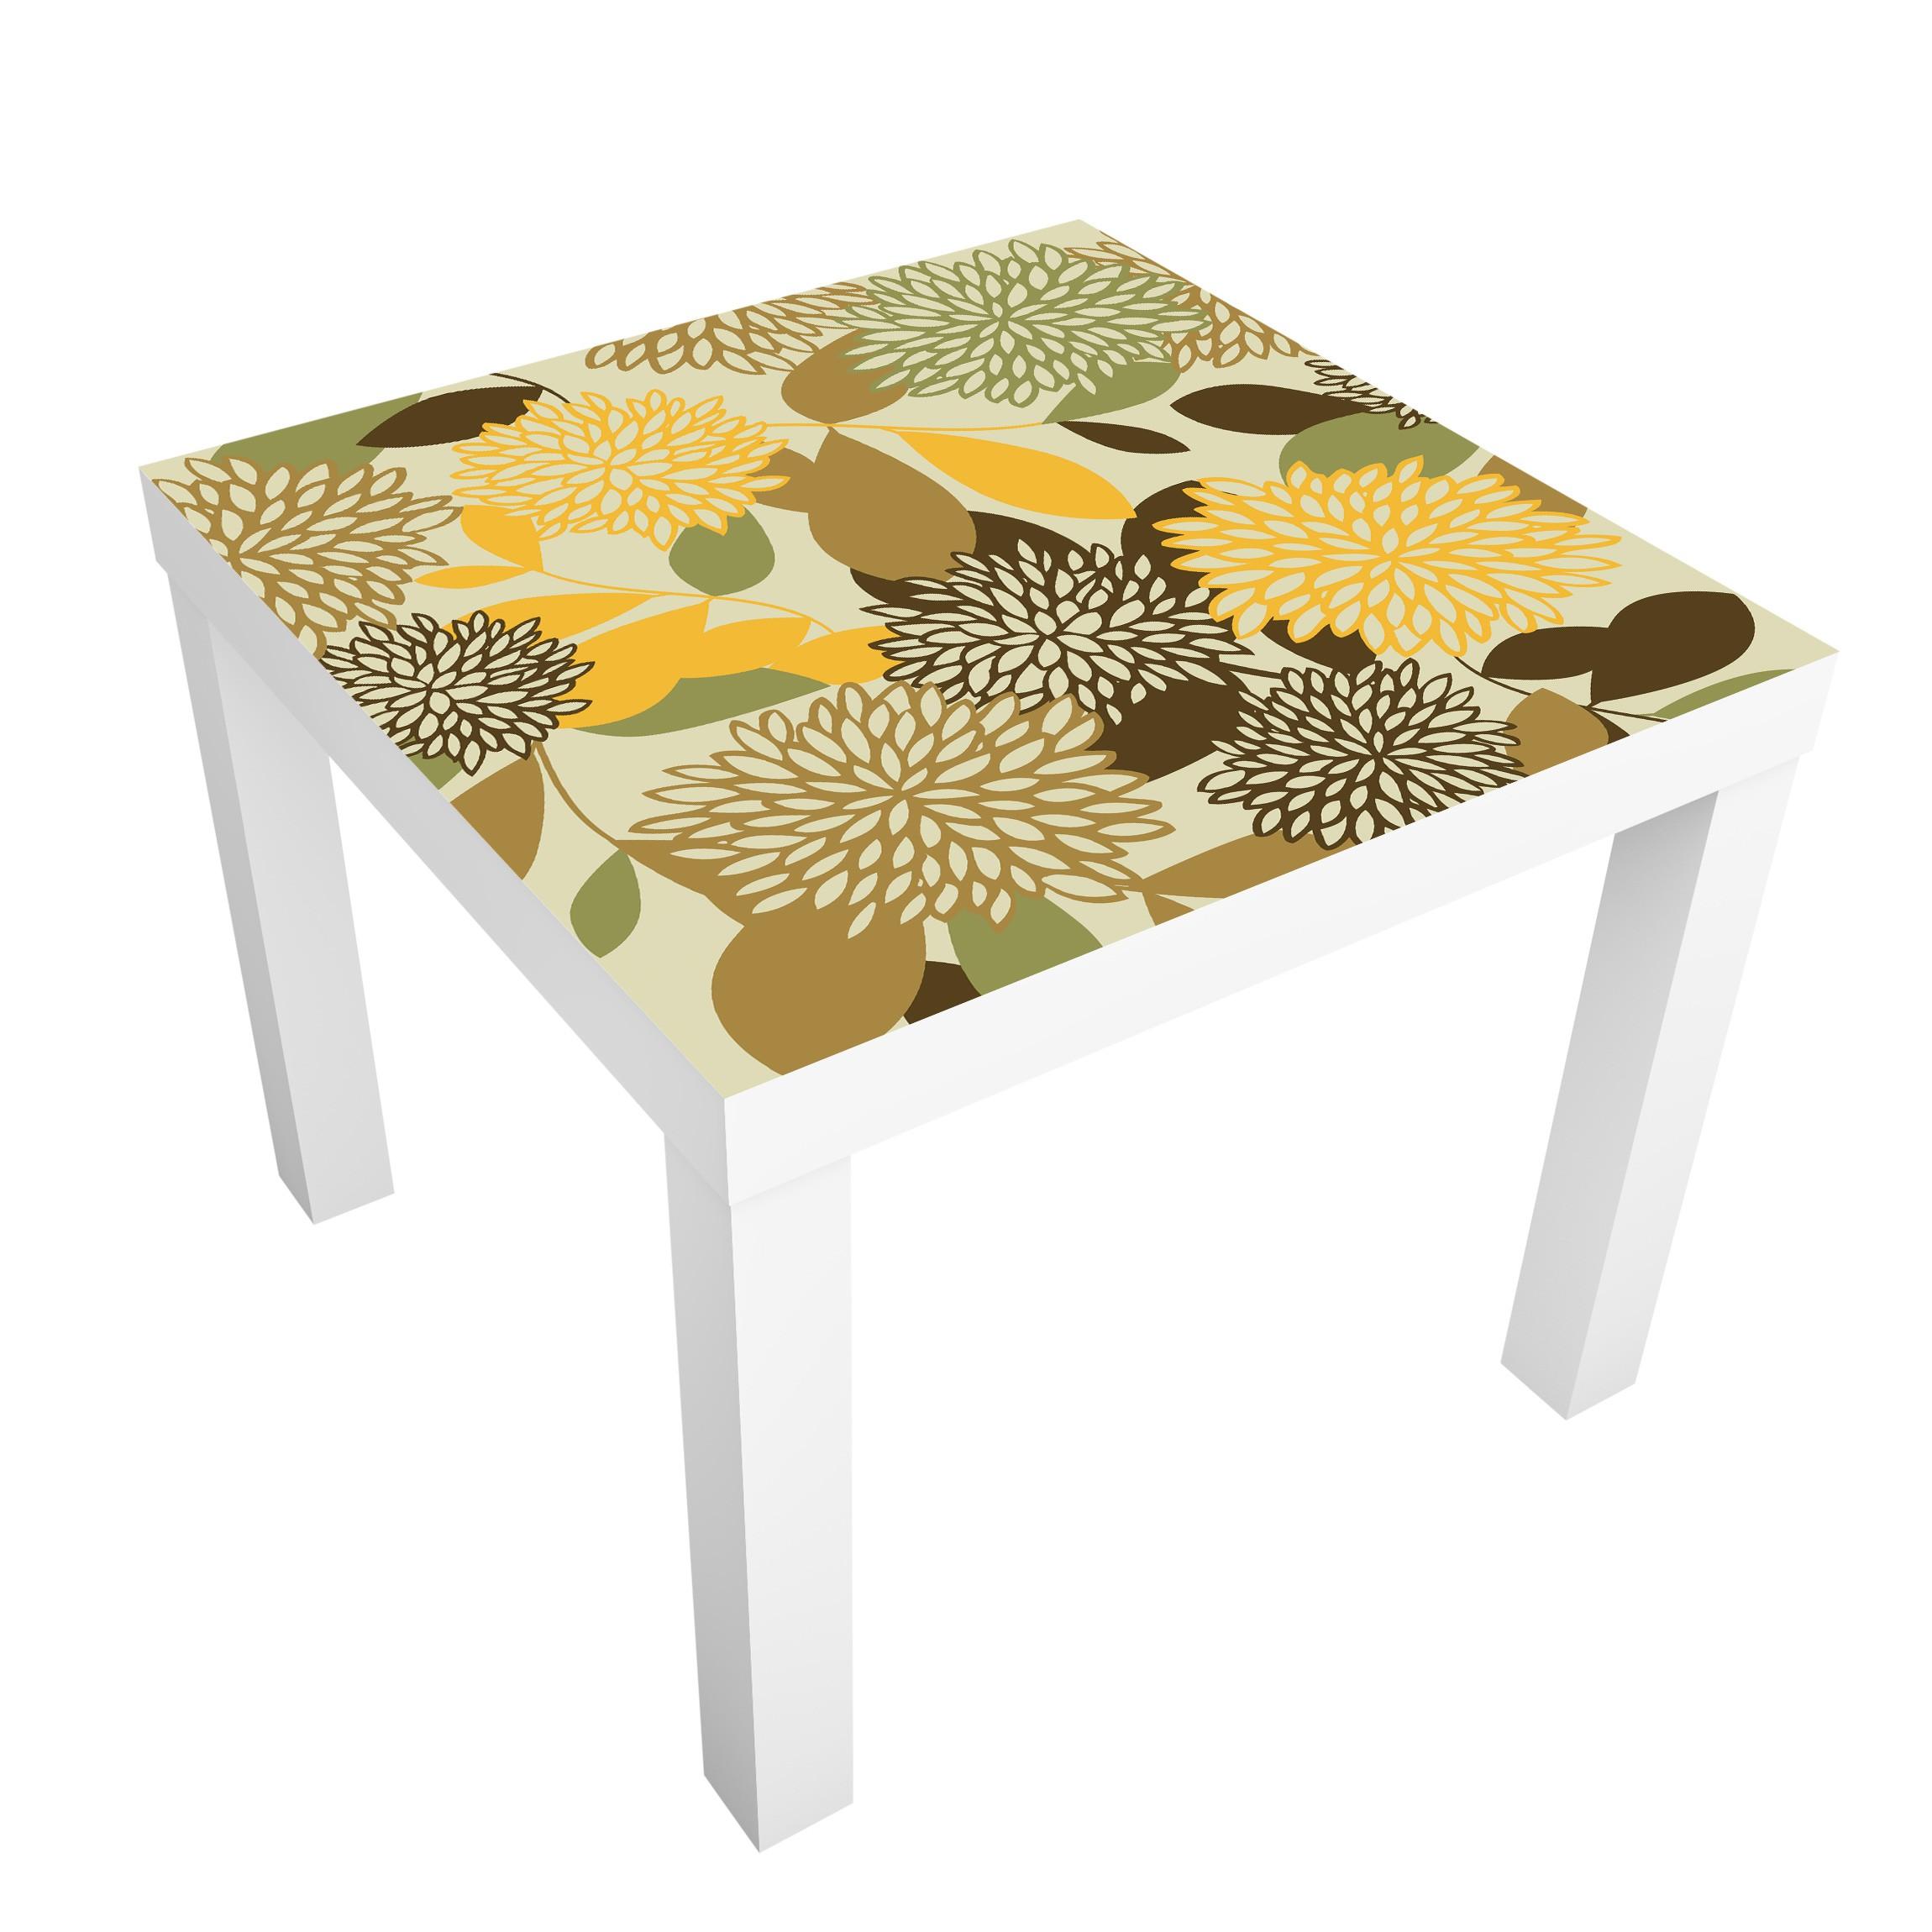 Carta adesiva per mobili ikea lack tavolino vintage flowers - Carta per coprire mobili ...